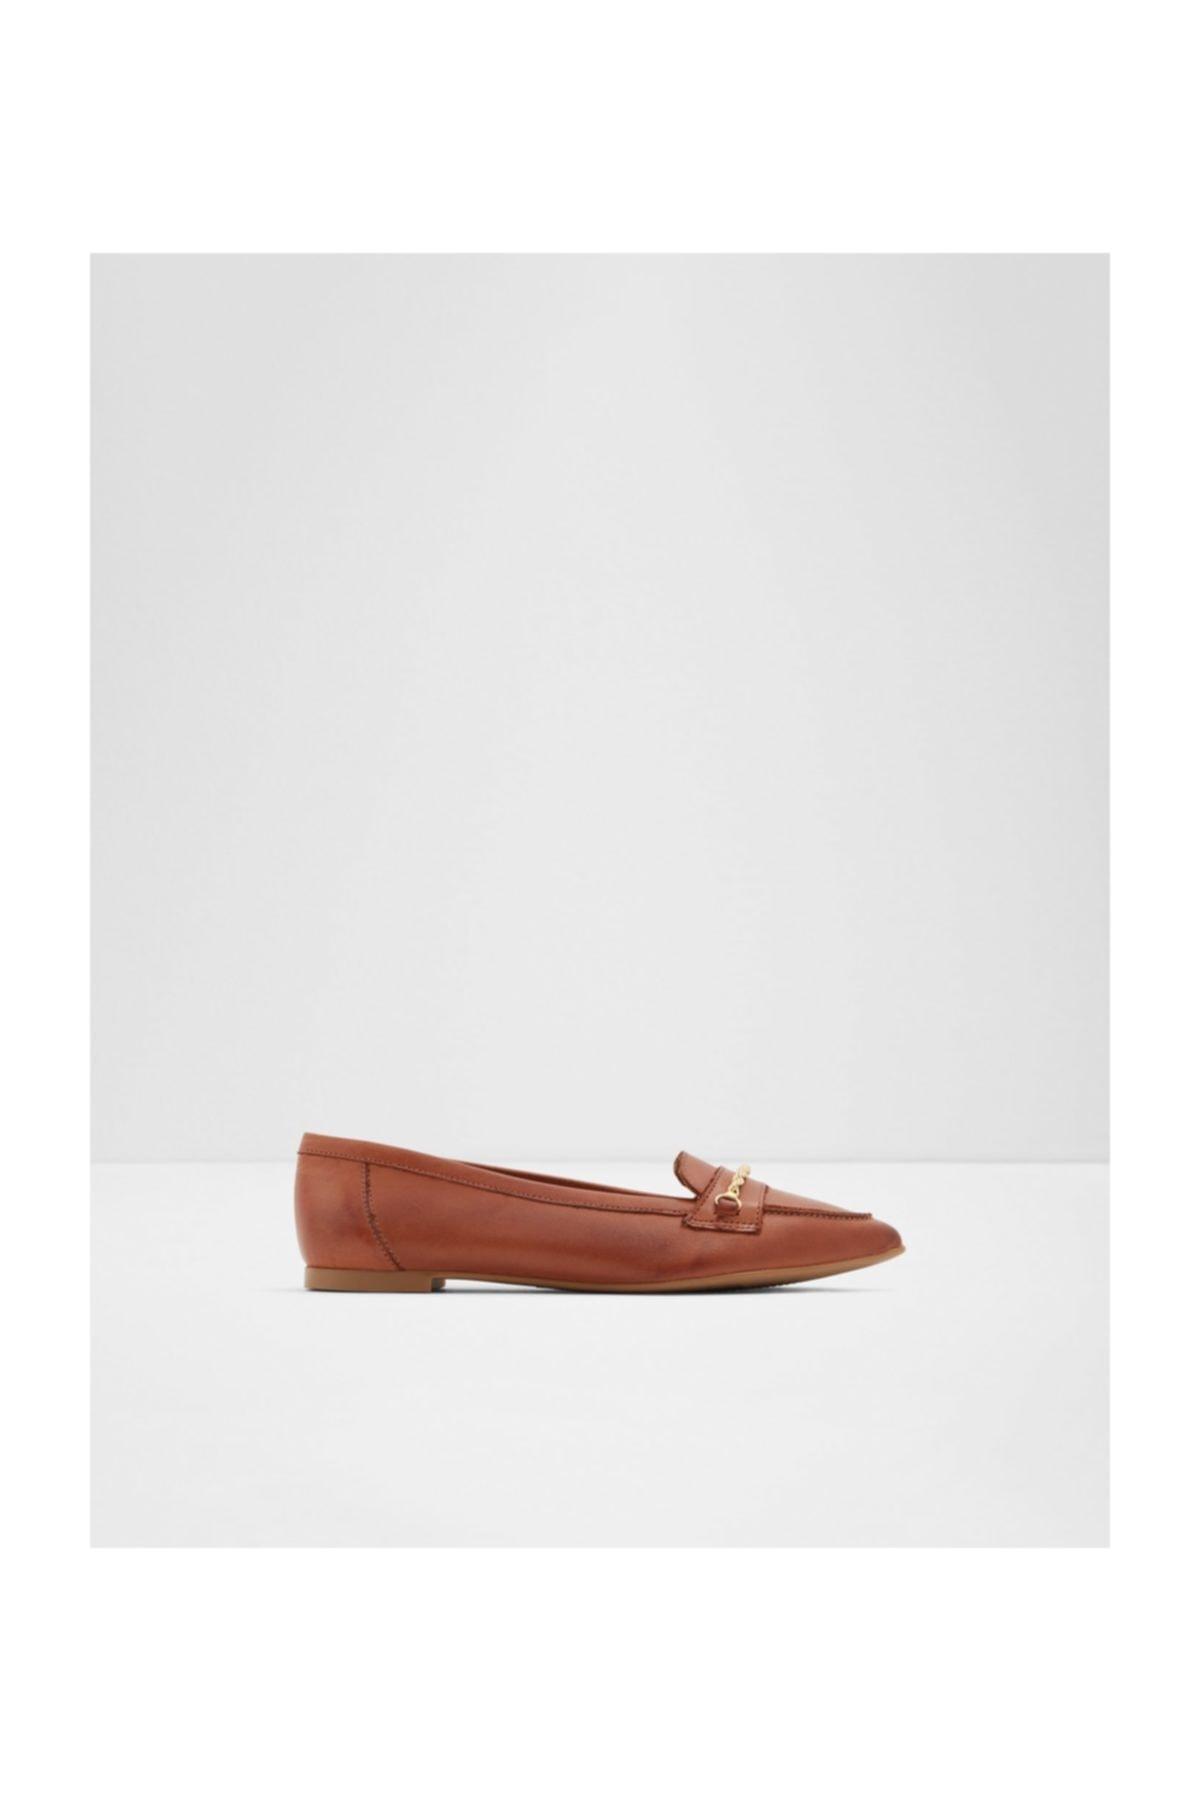 Aldo Kadın Taba Loafer Ayakkabı 1